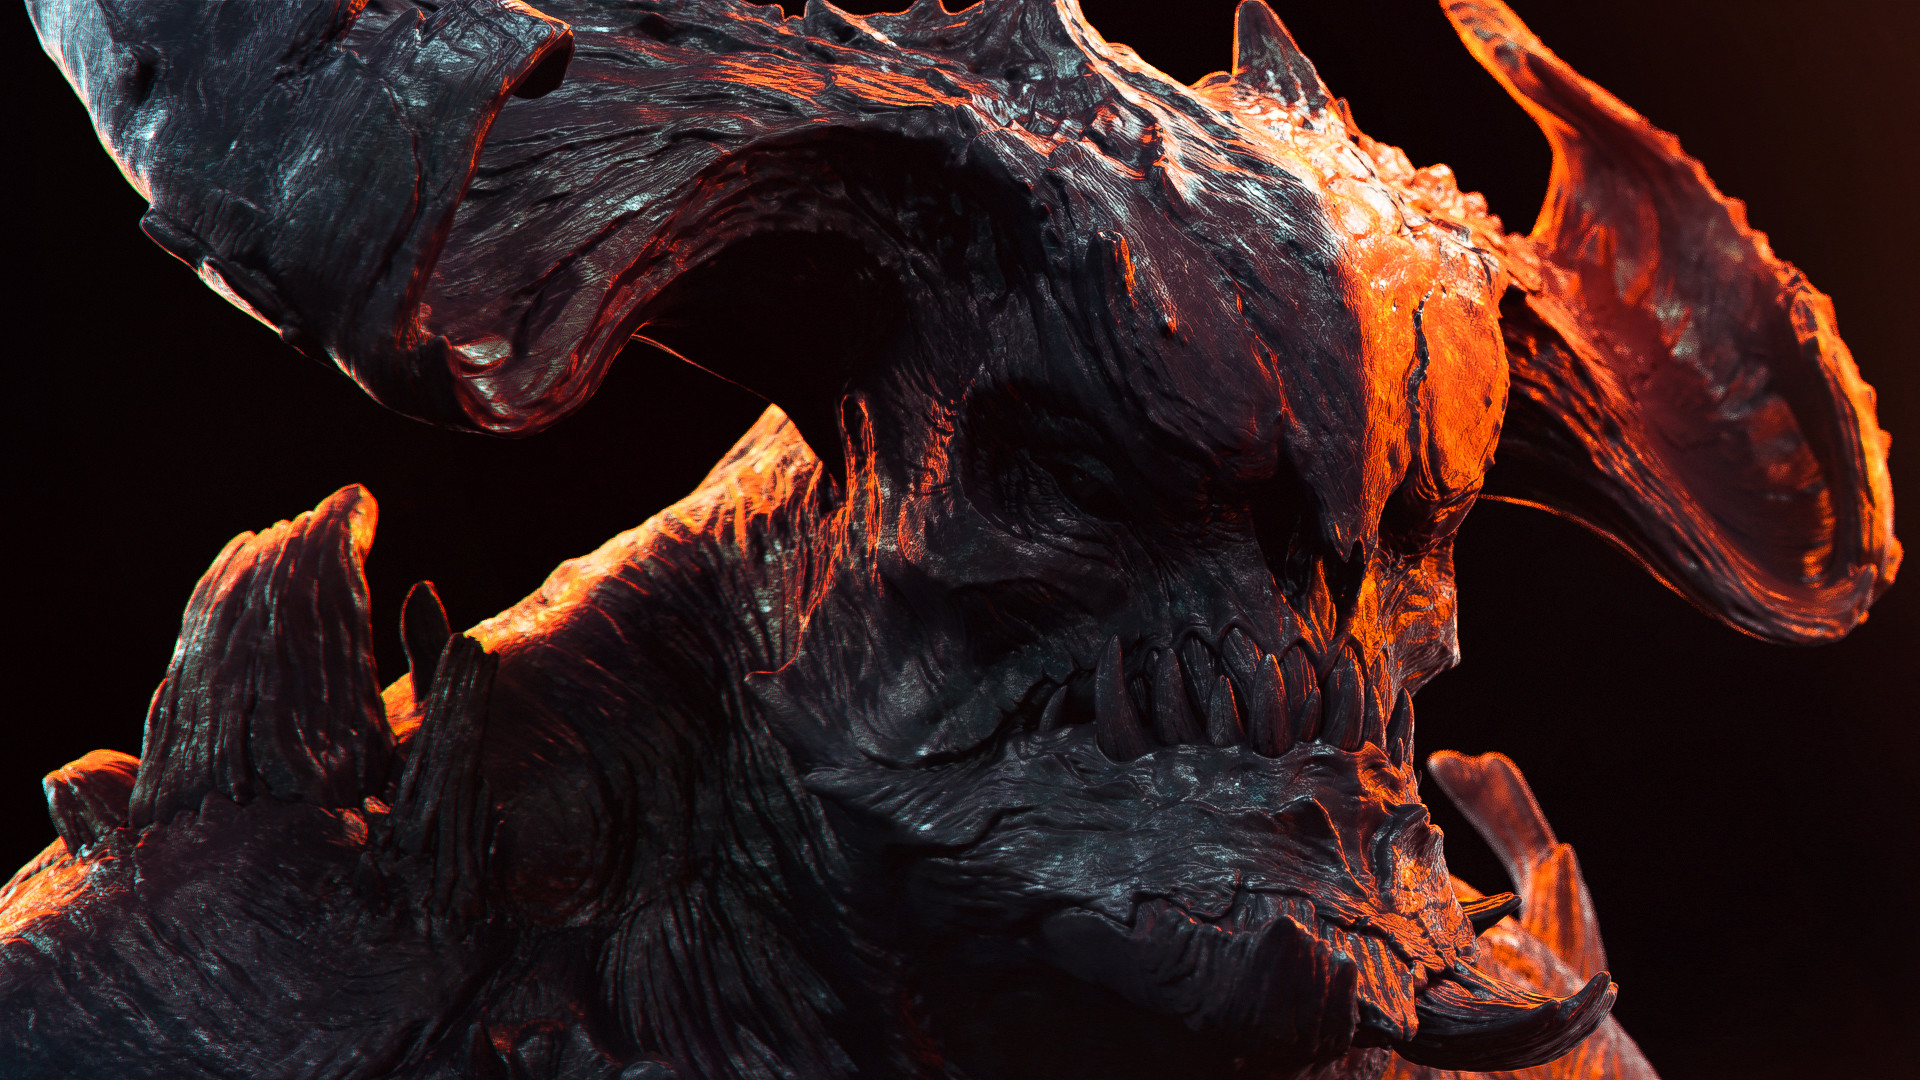 Romain pommier demon bust